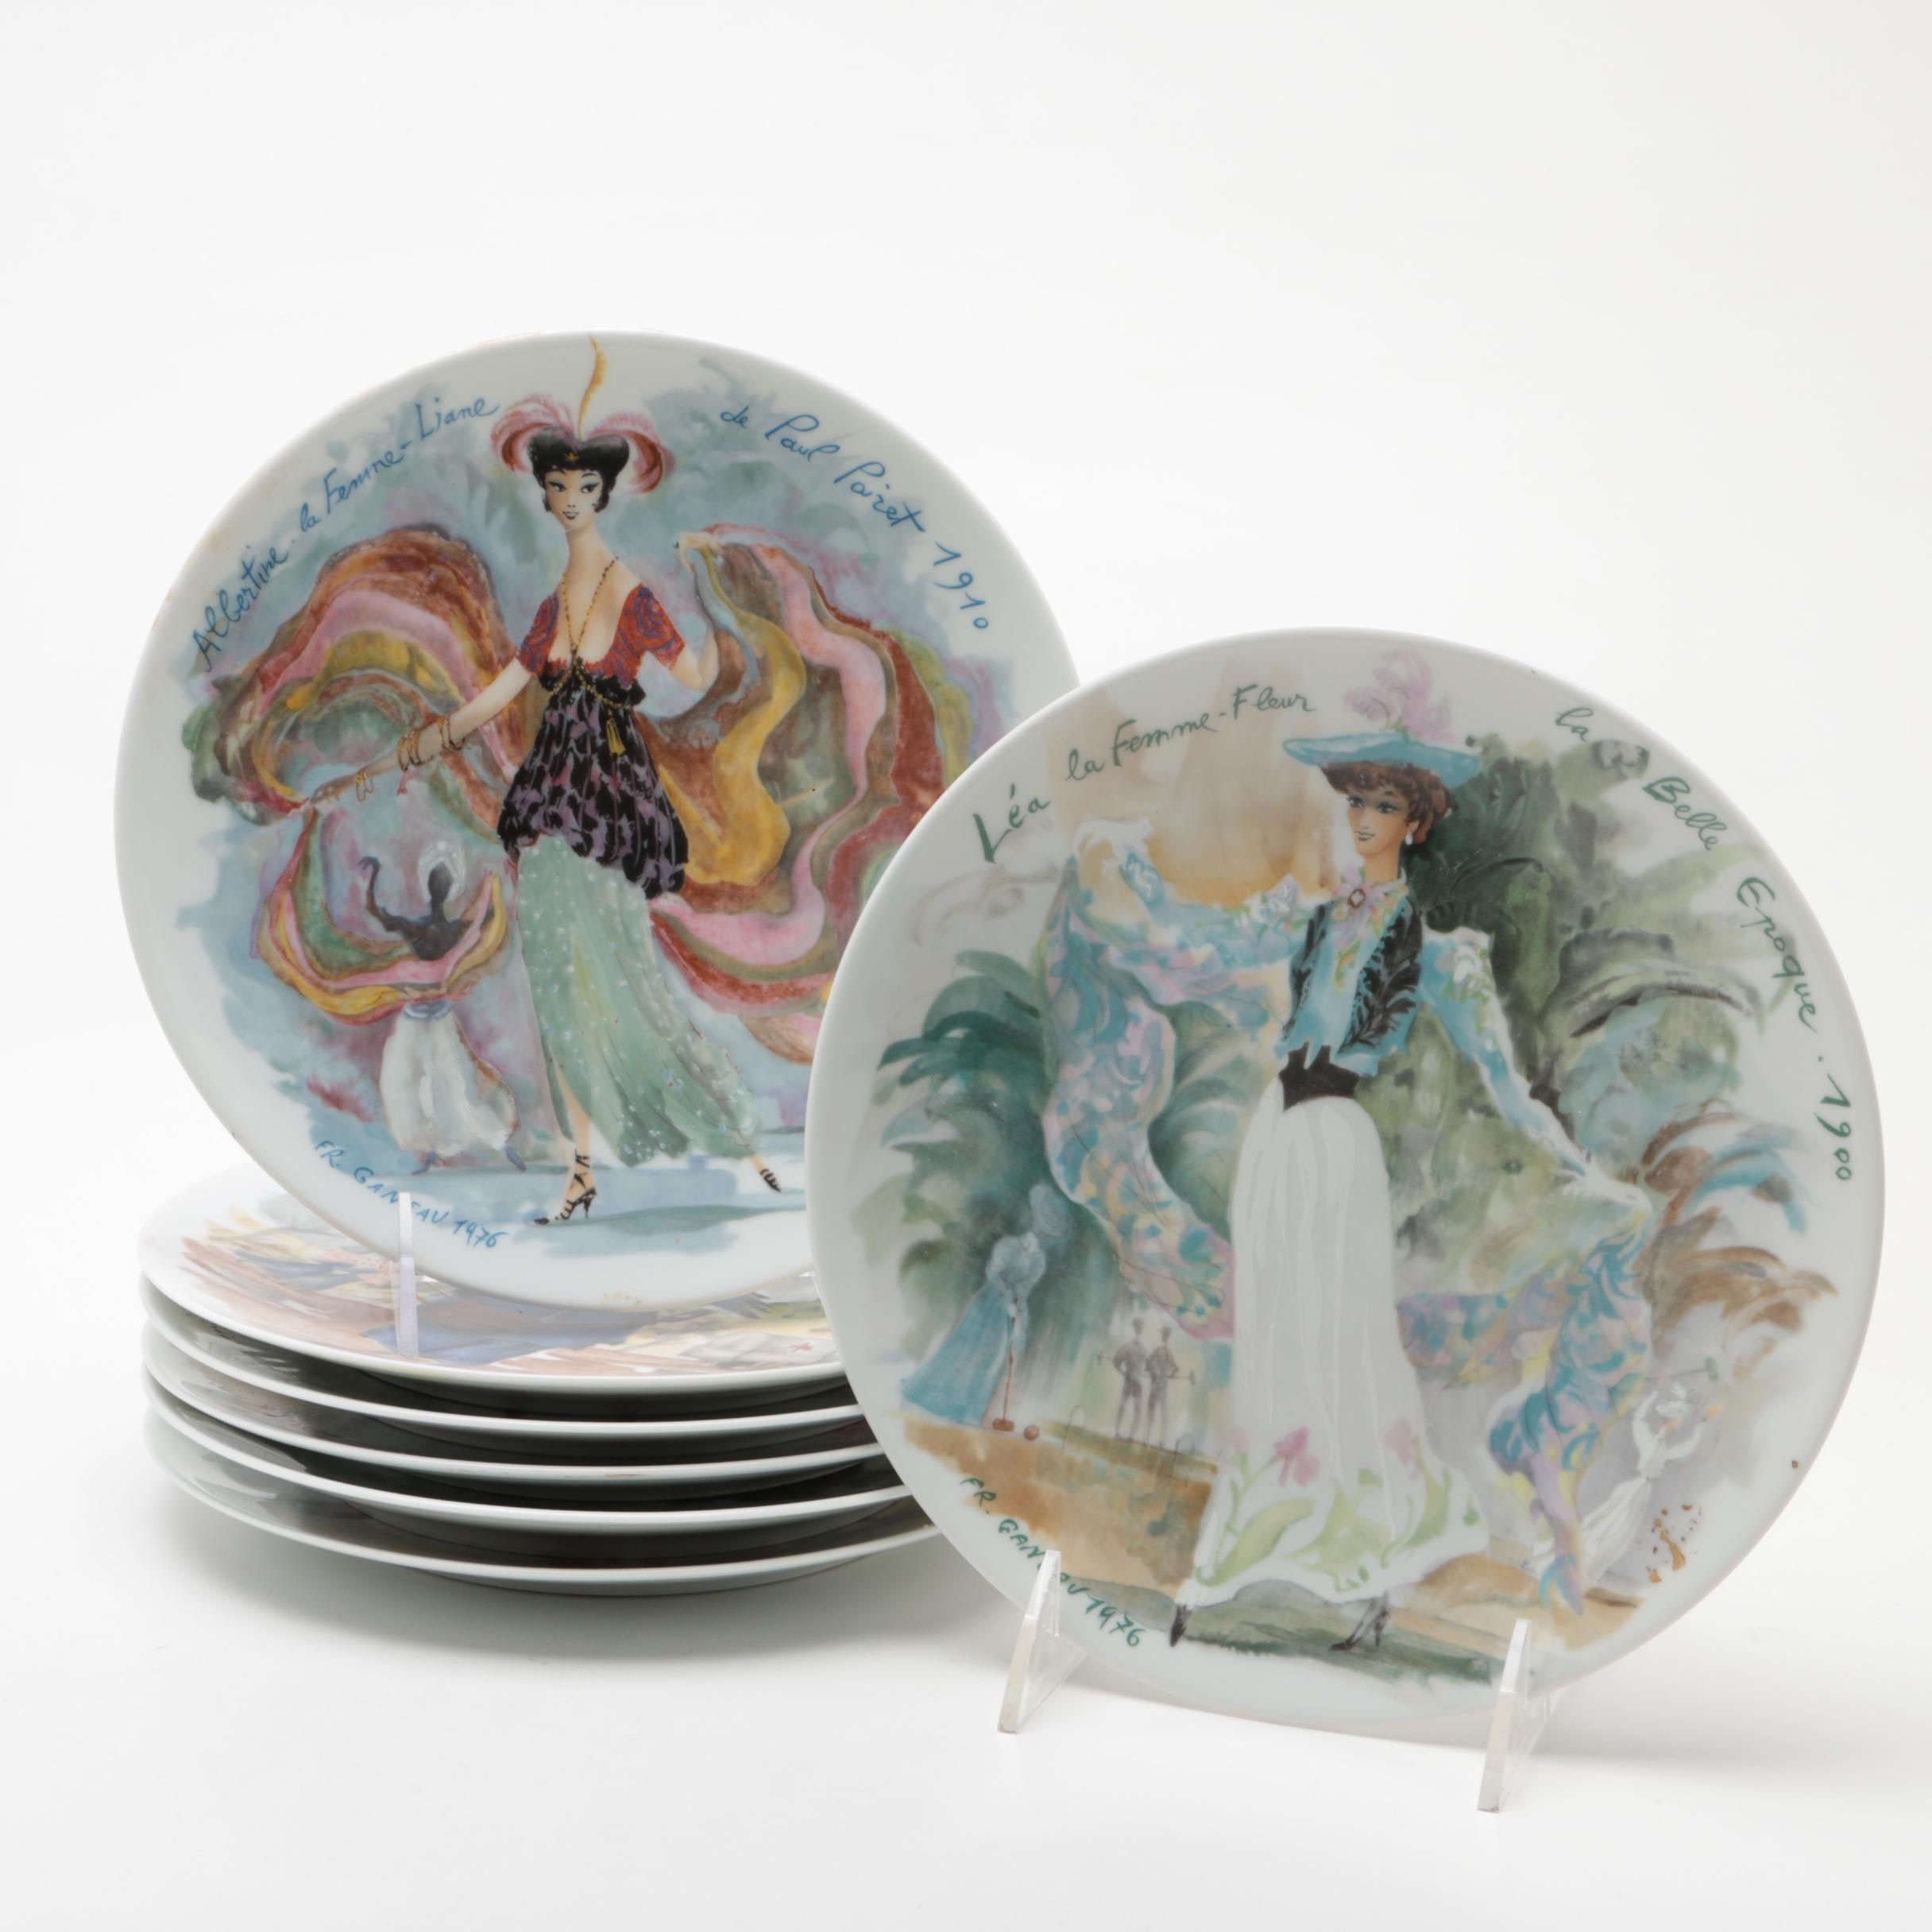 Henri d'Arceau & Fils Limoges Limited Edition Porcelain Collector's Plates